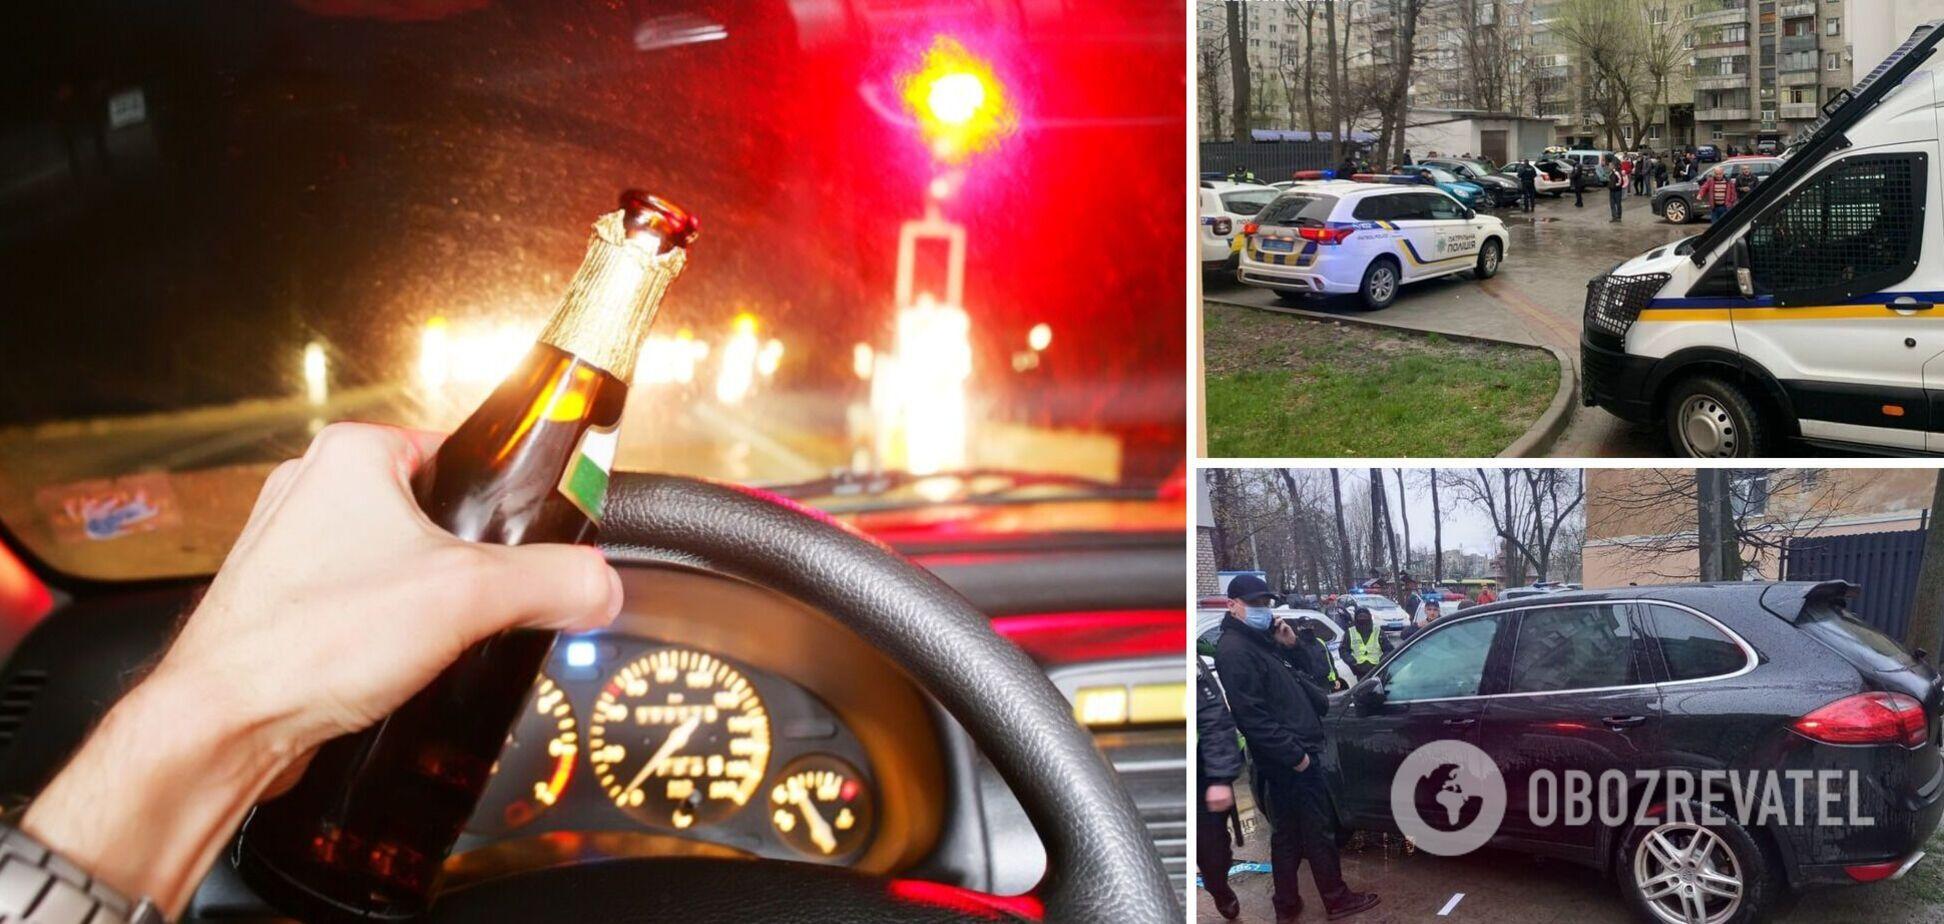 Во Львове бизнесмен на Porsche Cayenne совершил три ДТП и помочился на авто полиции. Фото и видео